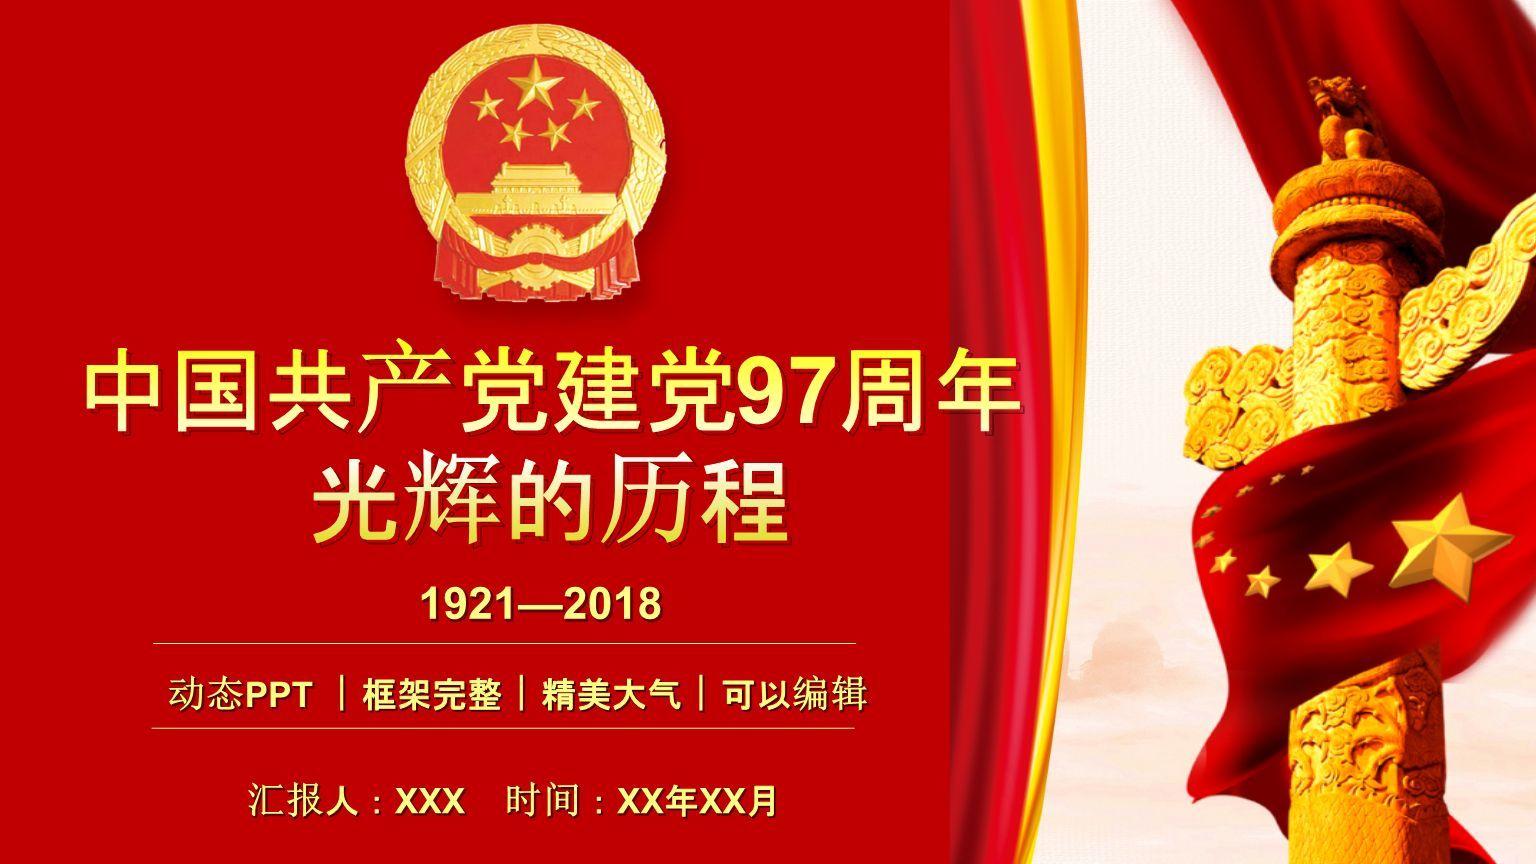 学校2018纪念中国共产党建党97周年座谈会发言稿6篇